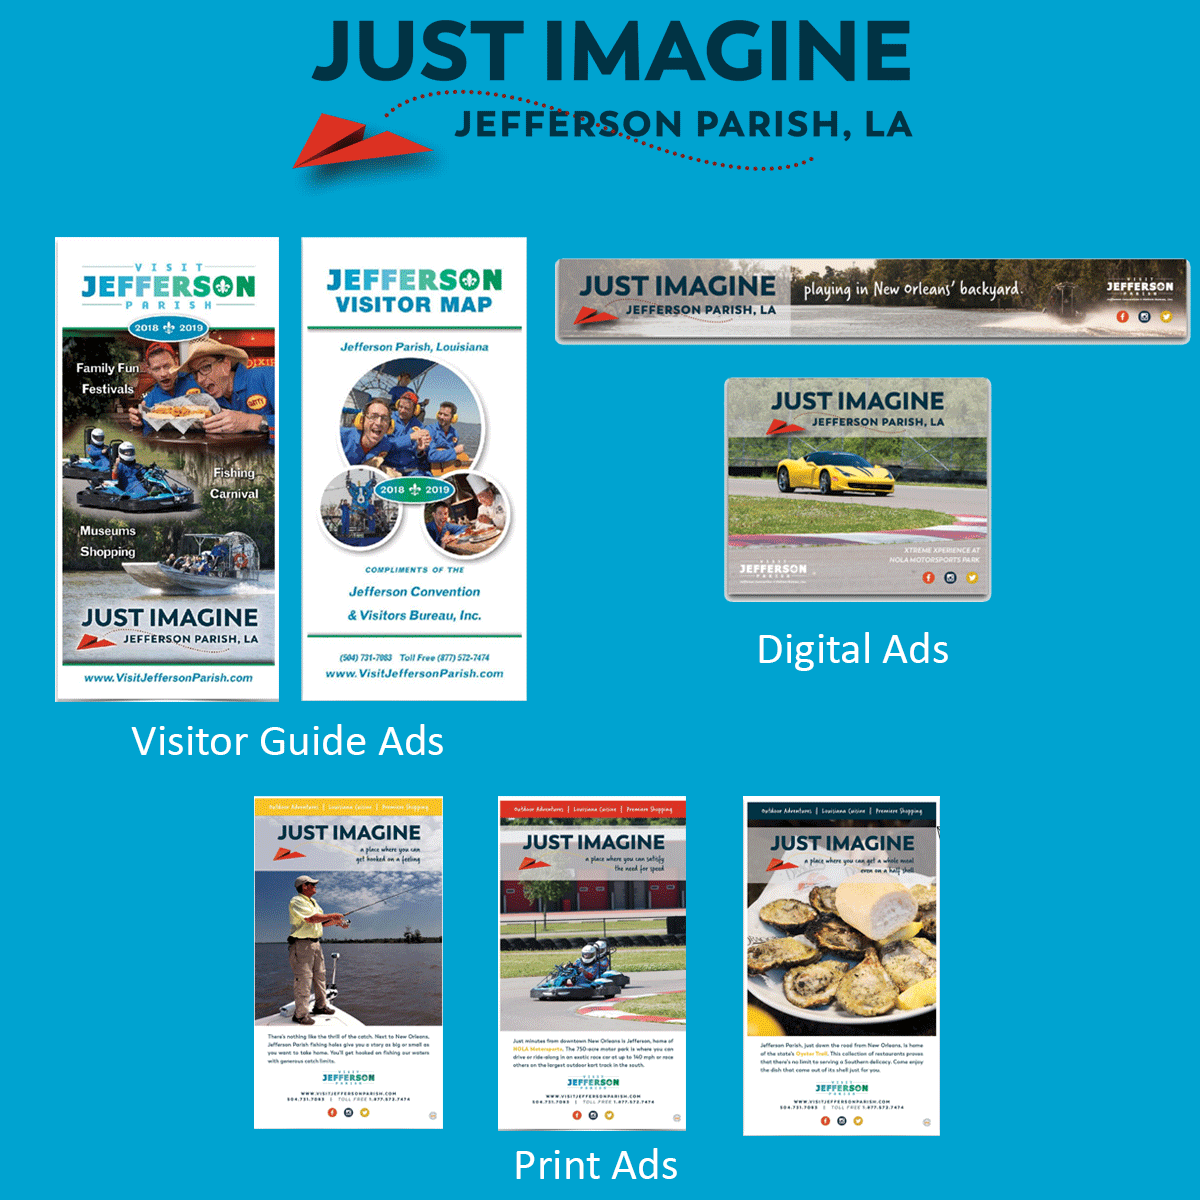 Just Imagine ad graphic